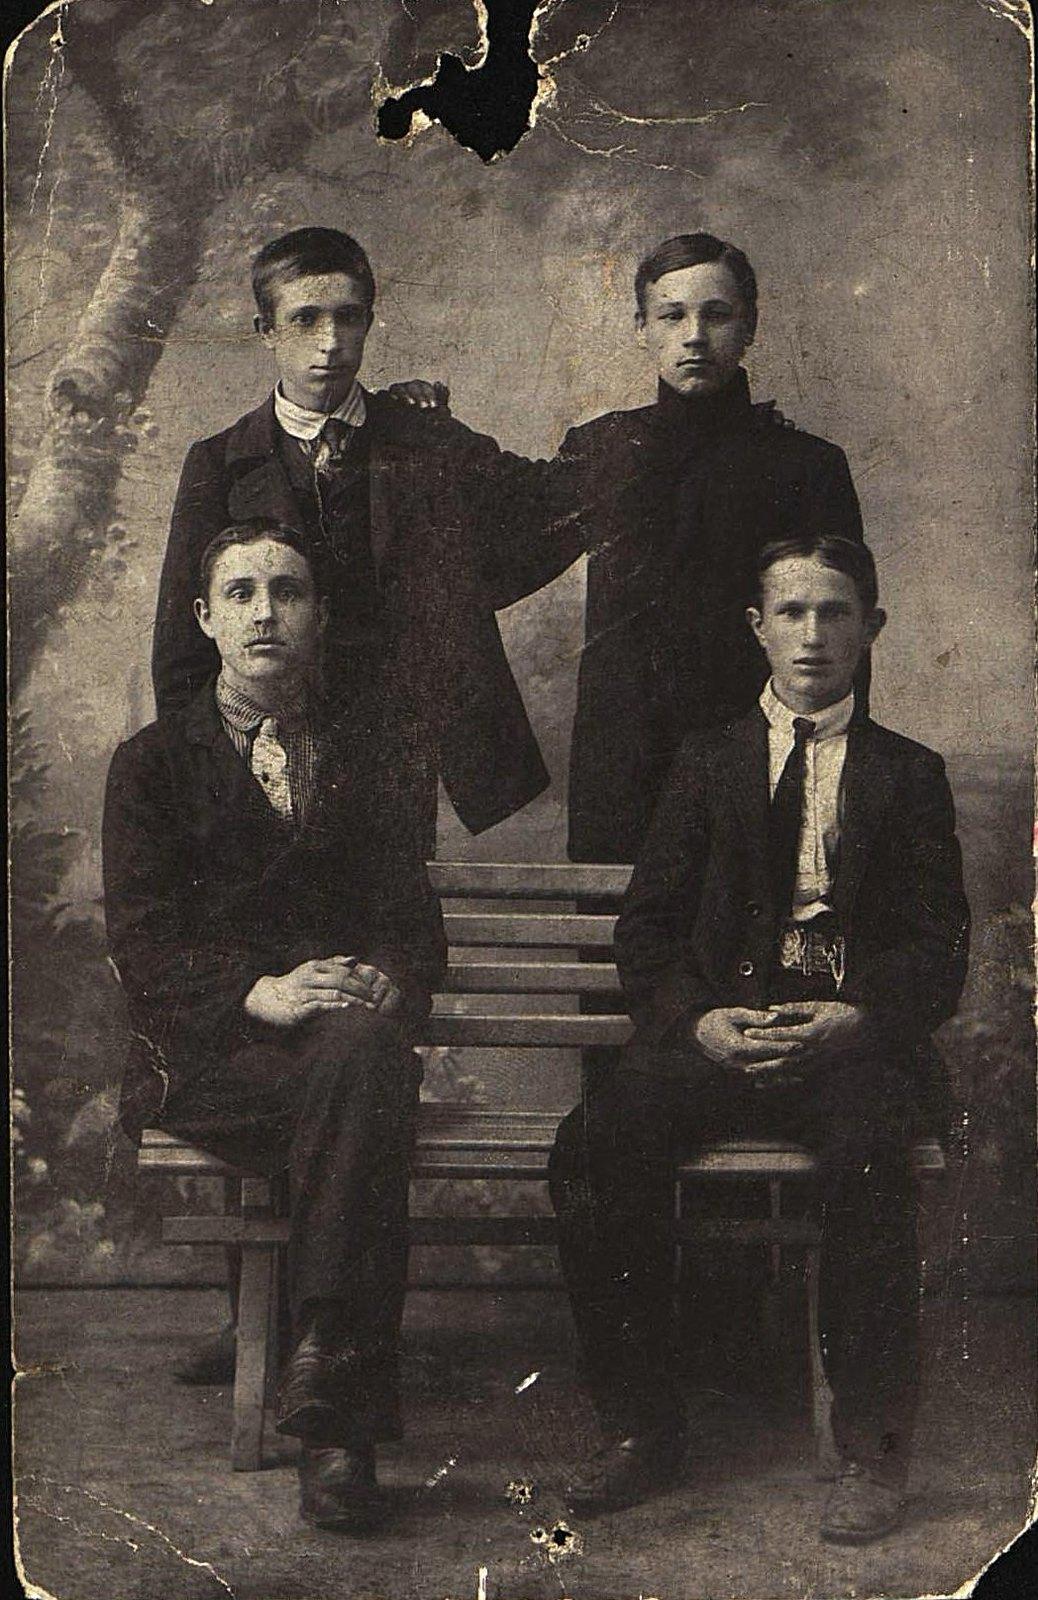 Вдовин А.И. и другие ученики котельного цеха завода Беллино-Фендериха. Неизвестный фотограф. 1913